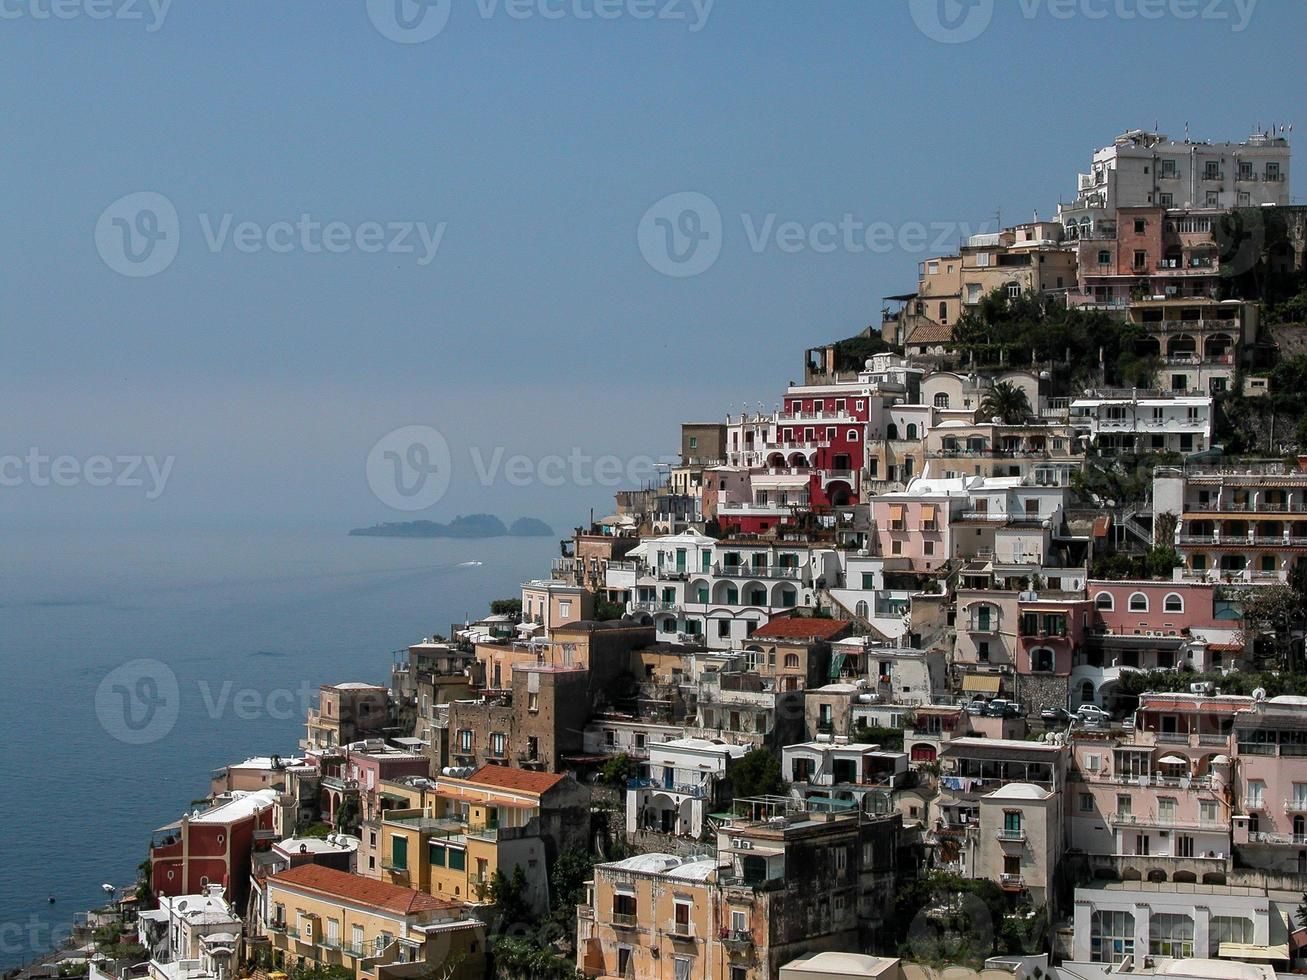 positano - image de maisons serrées contre la mer. photo